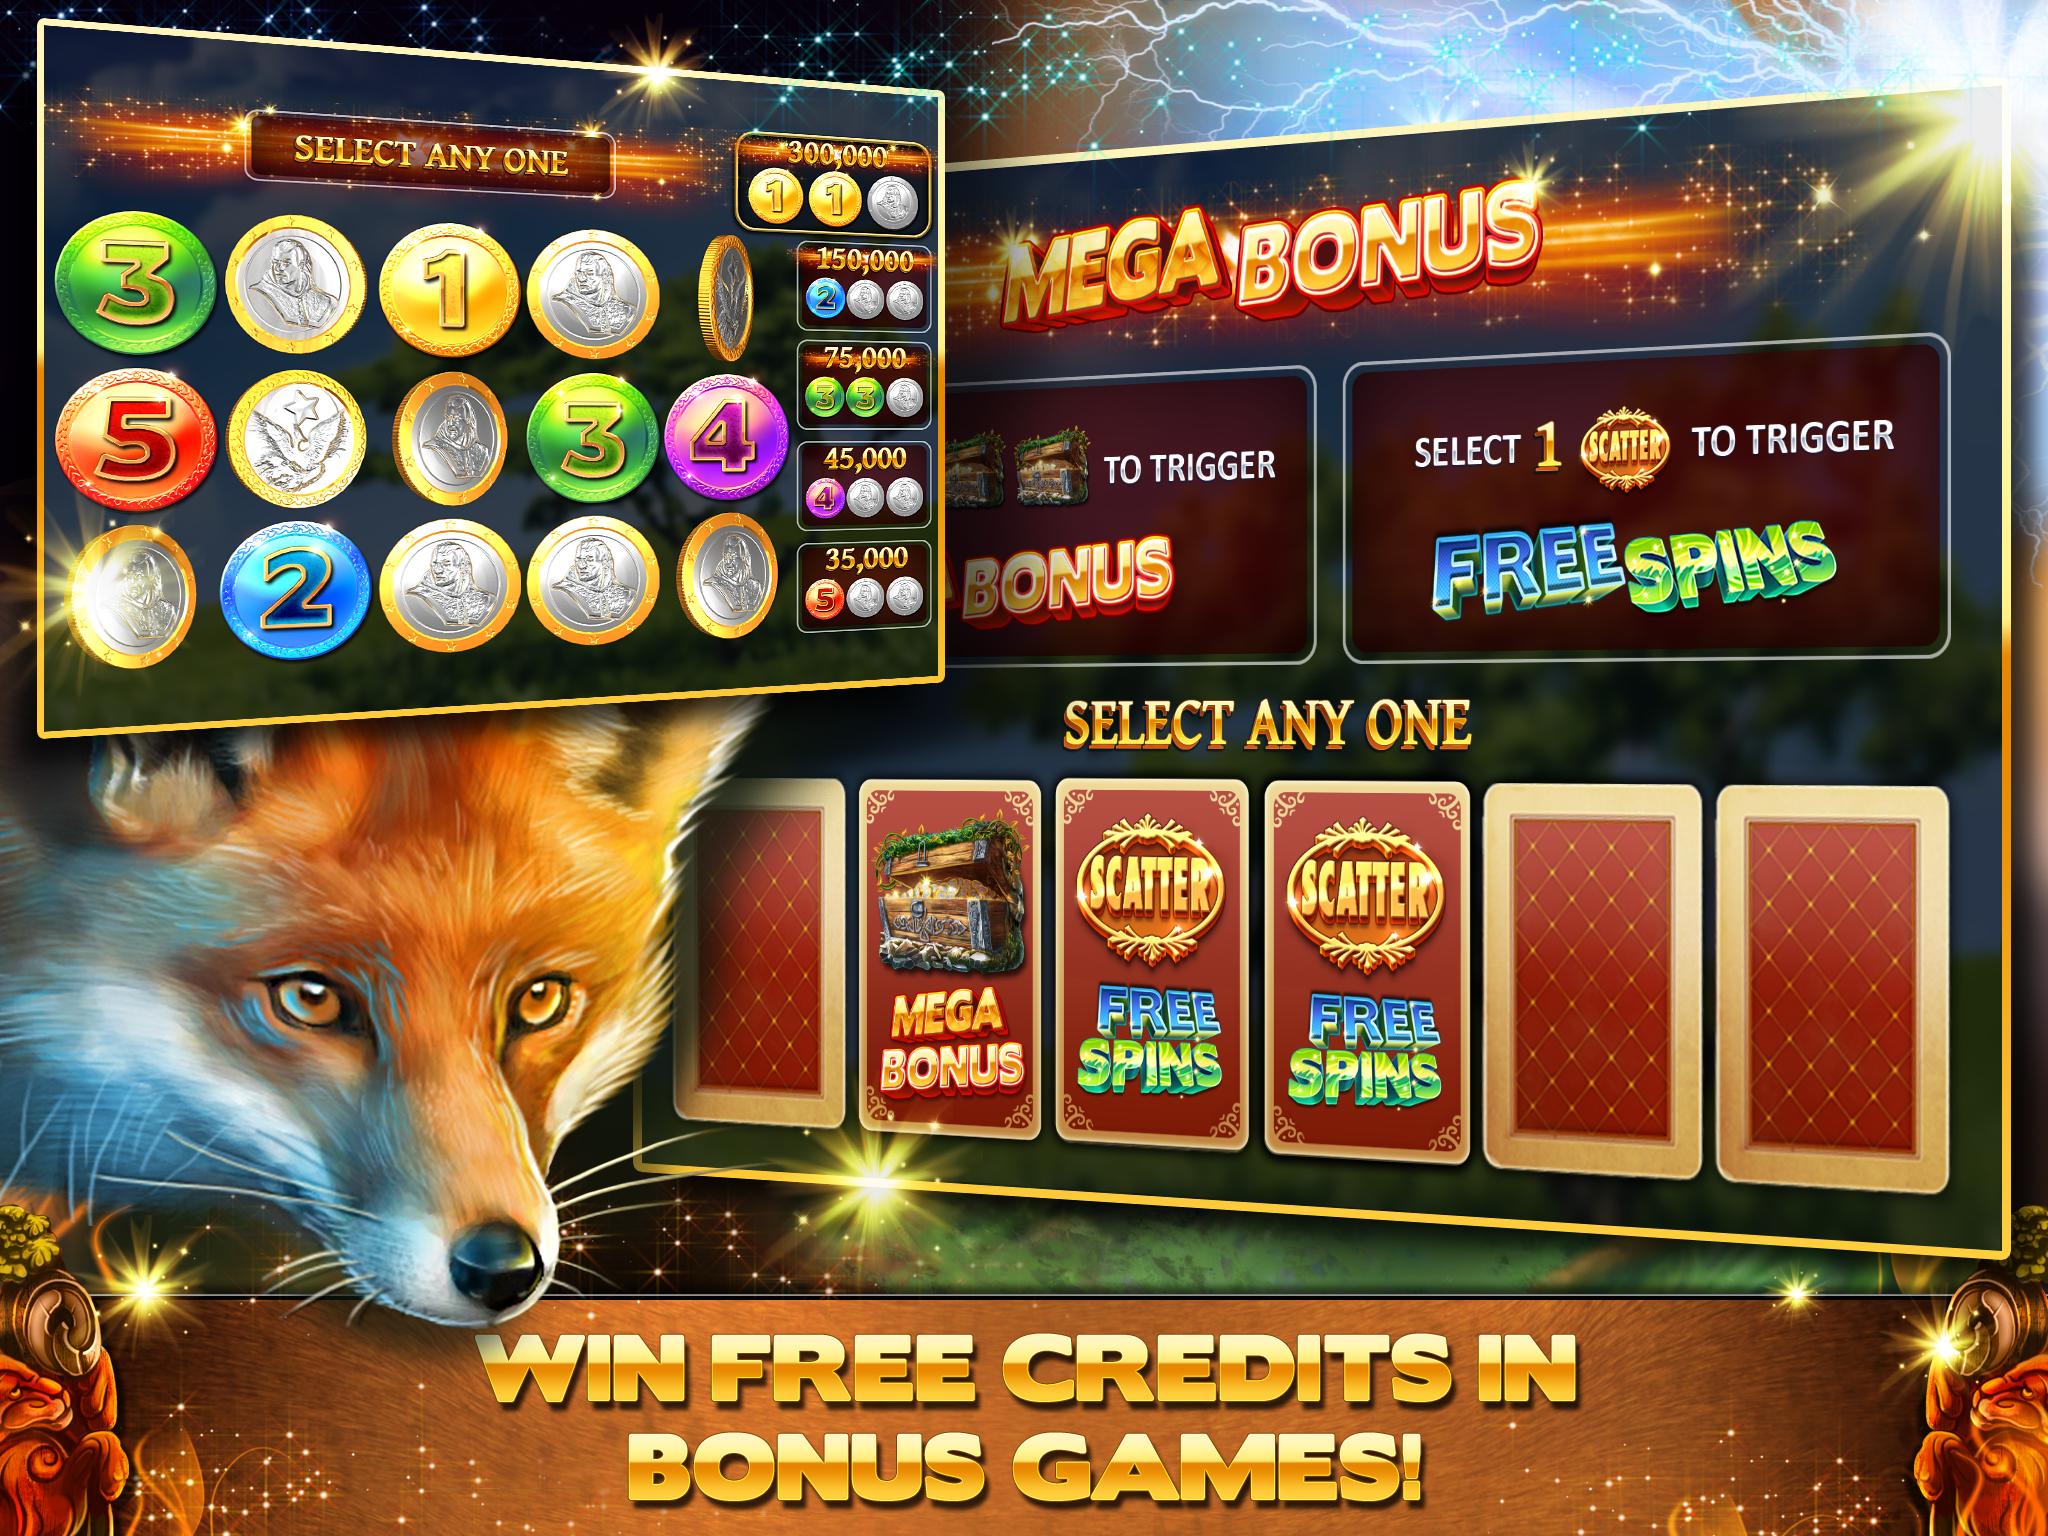 2048_1536_screen_05_bonus_games.png